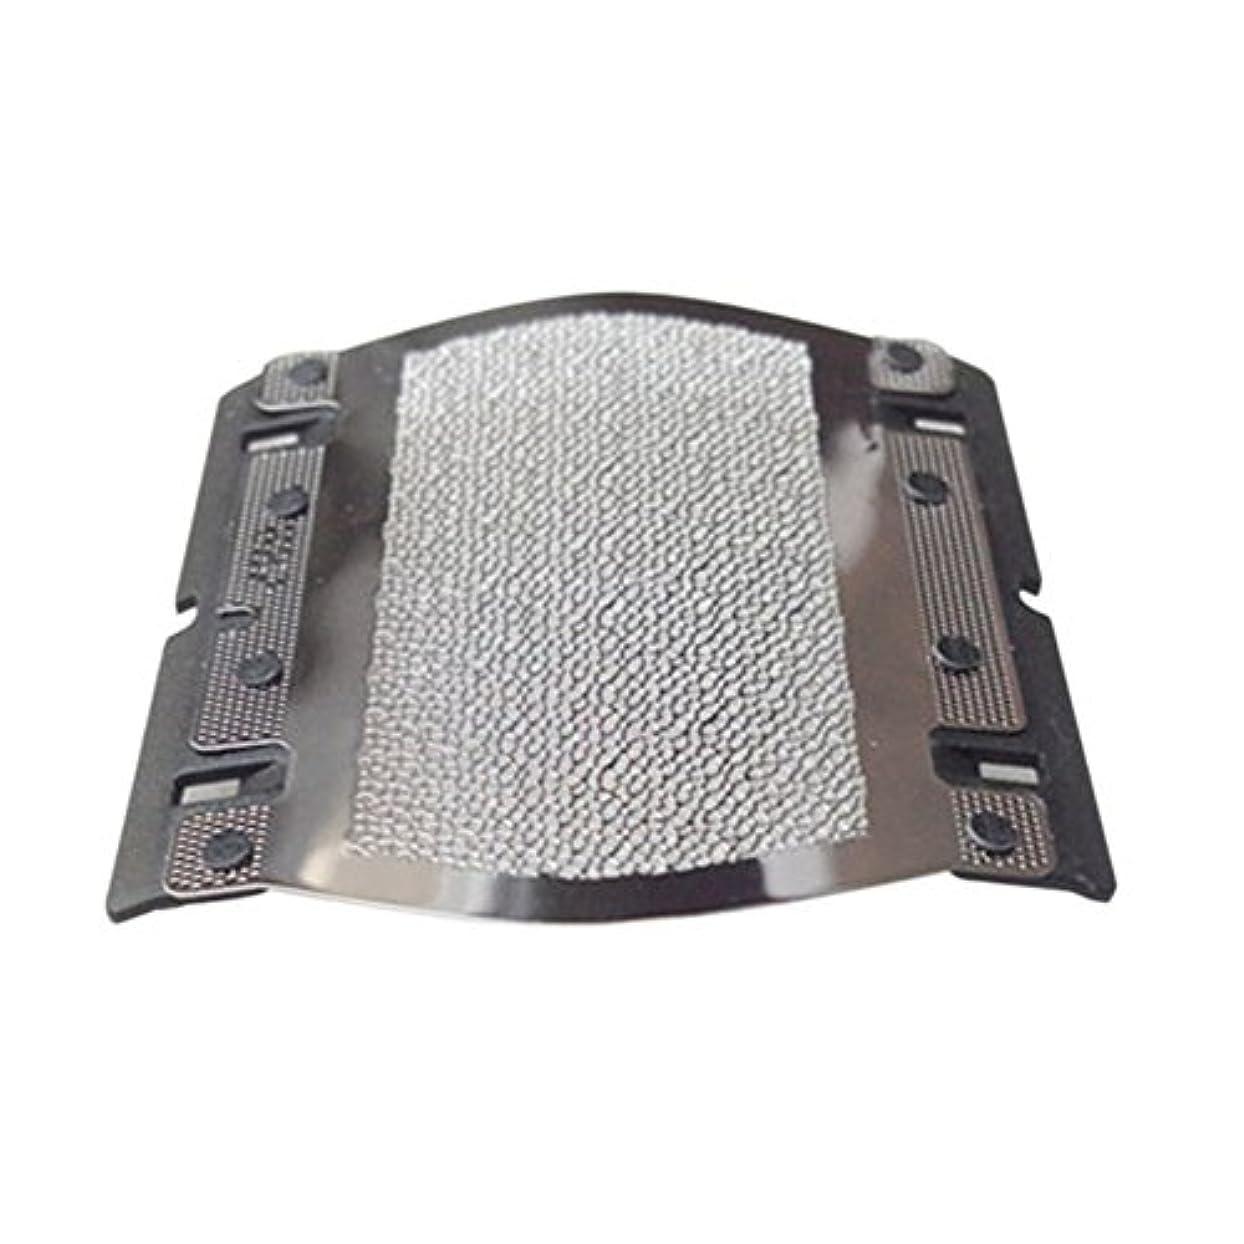 凍る入学する路地HZjundasi Replacement シェーバーカミソリ ブレード 刃+はく 614 for Braun 350/370/P10/5614/5615